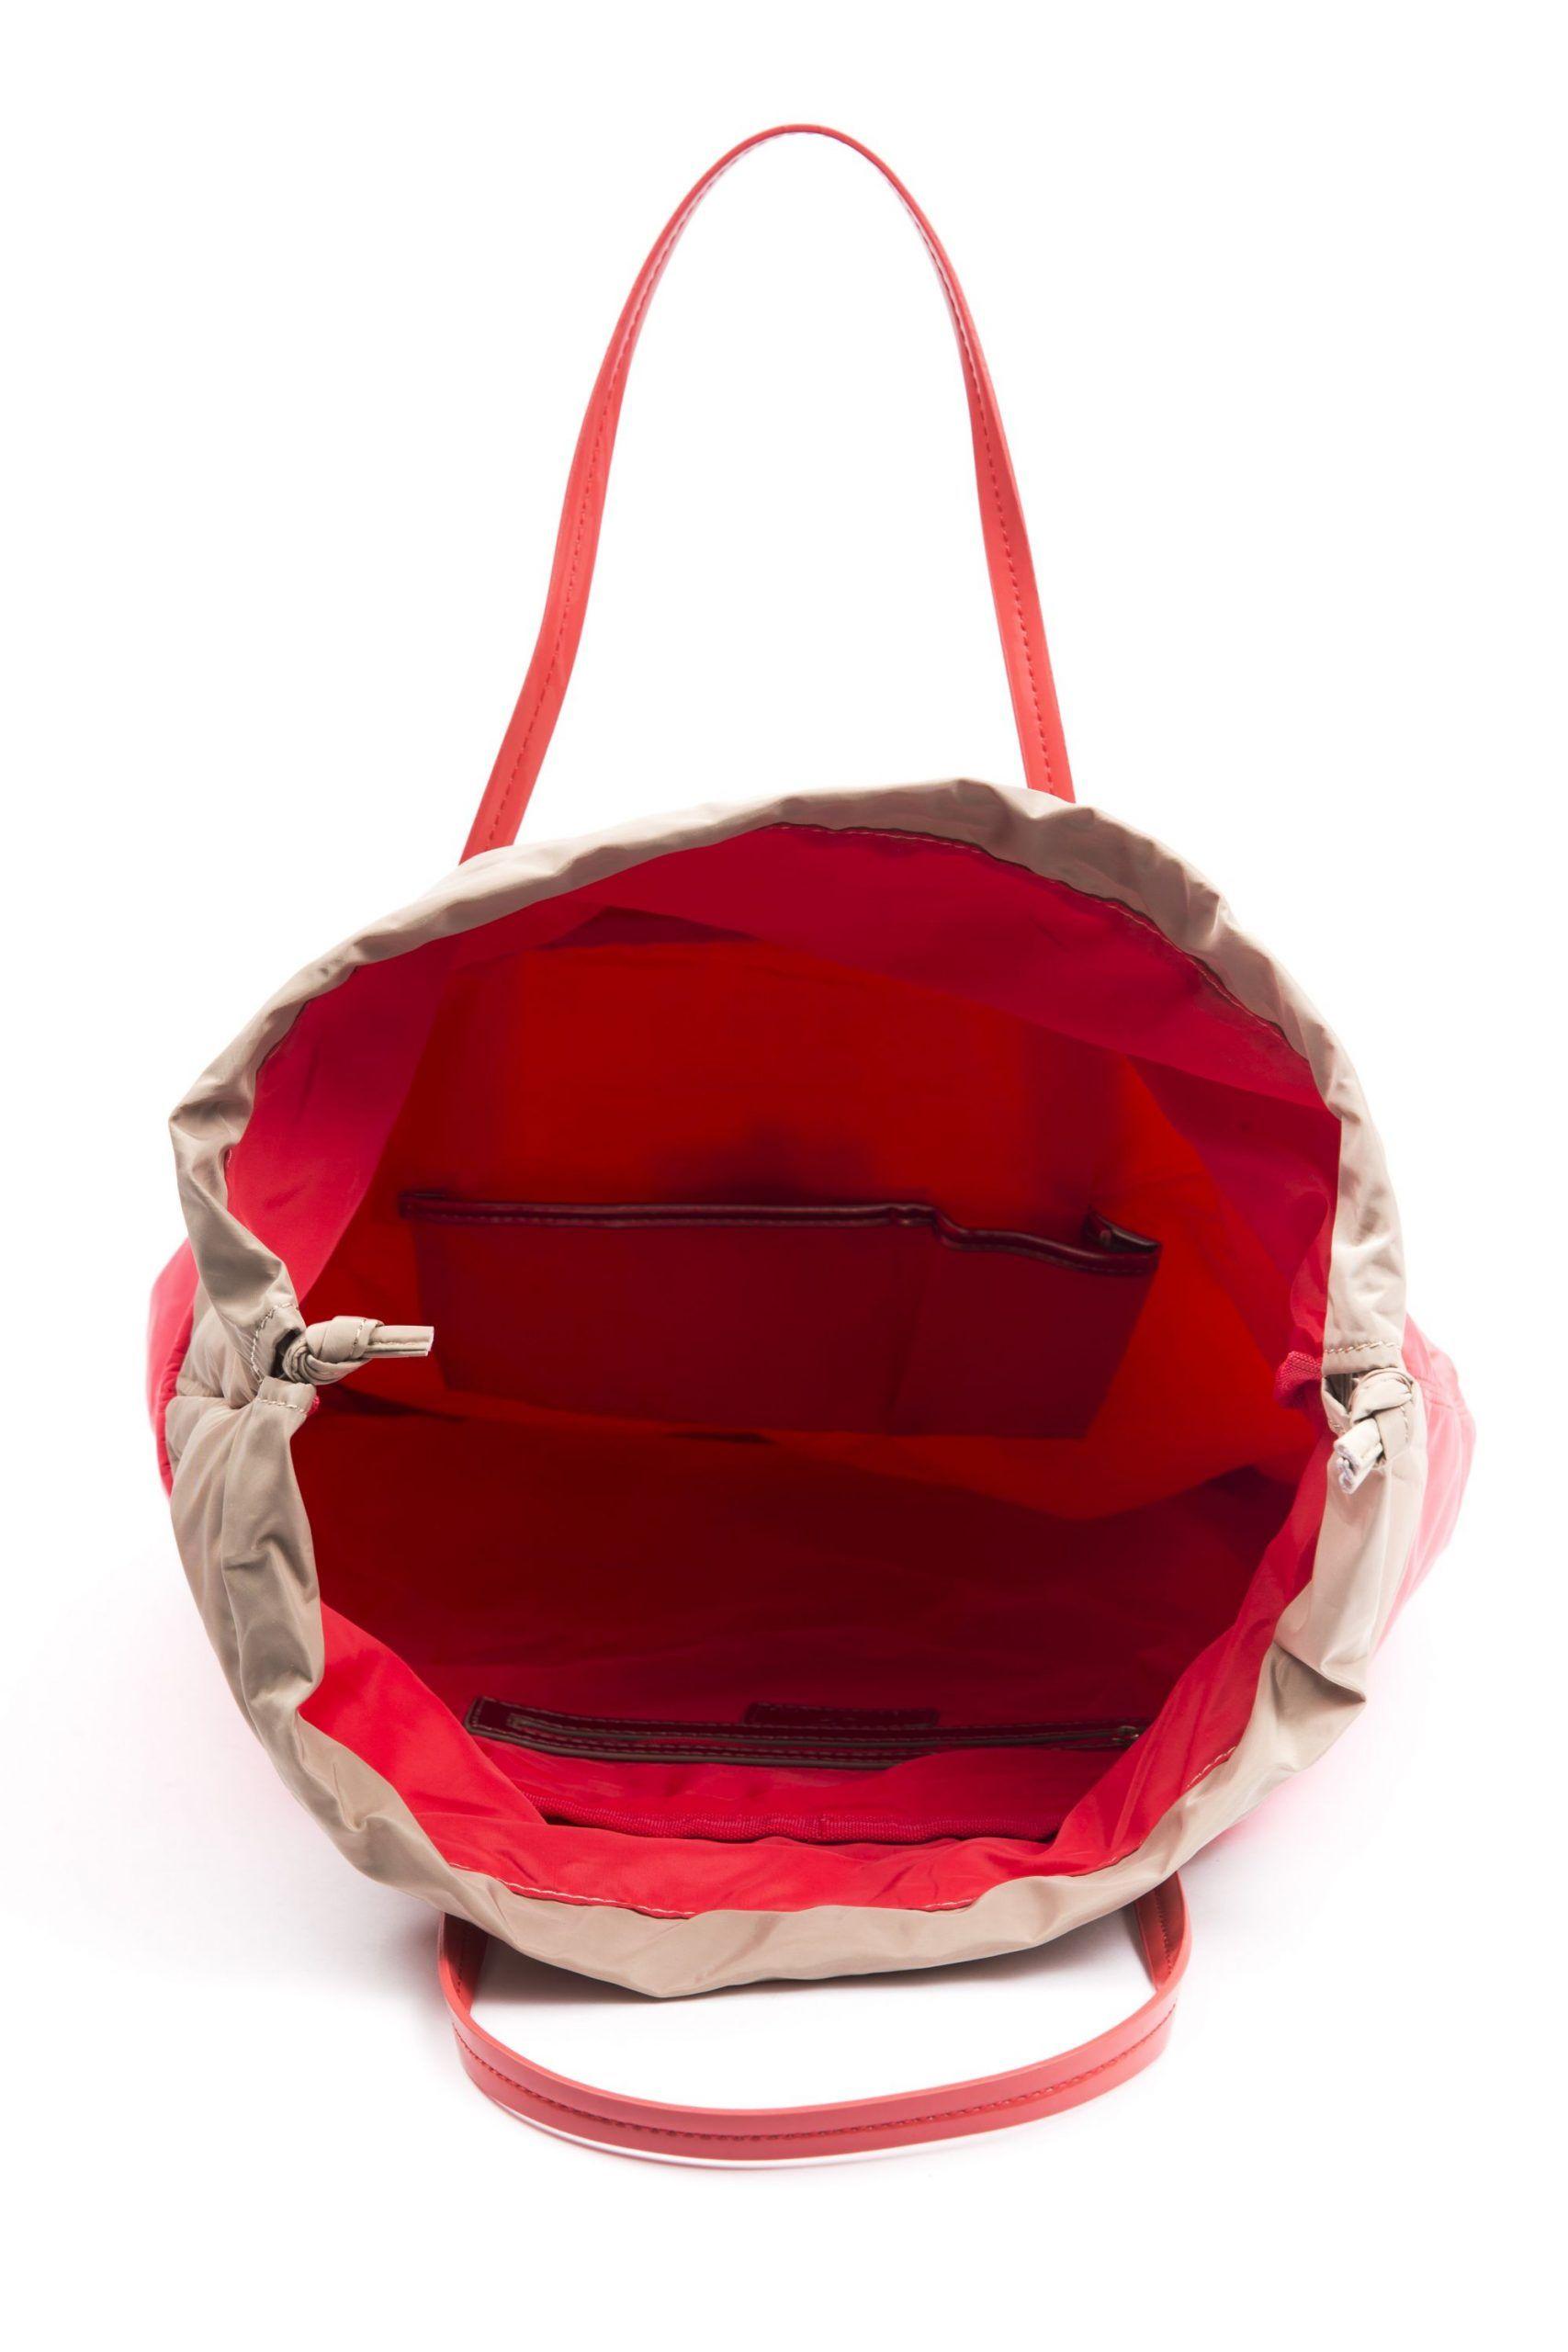 BYBLOS Korallenhandtasche